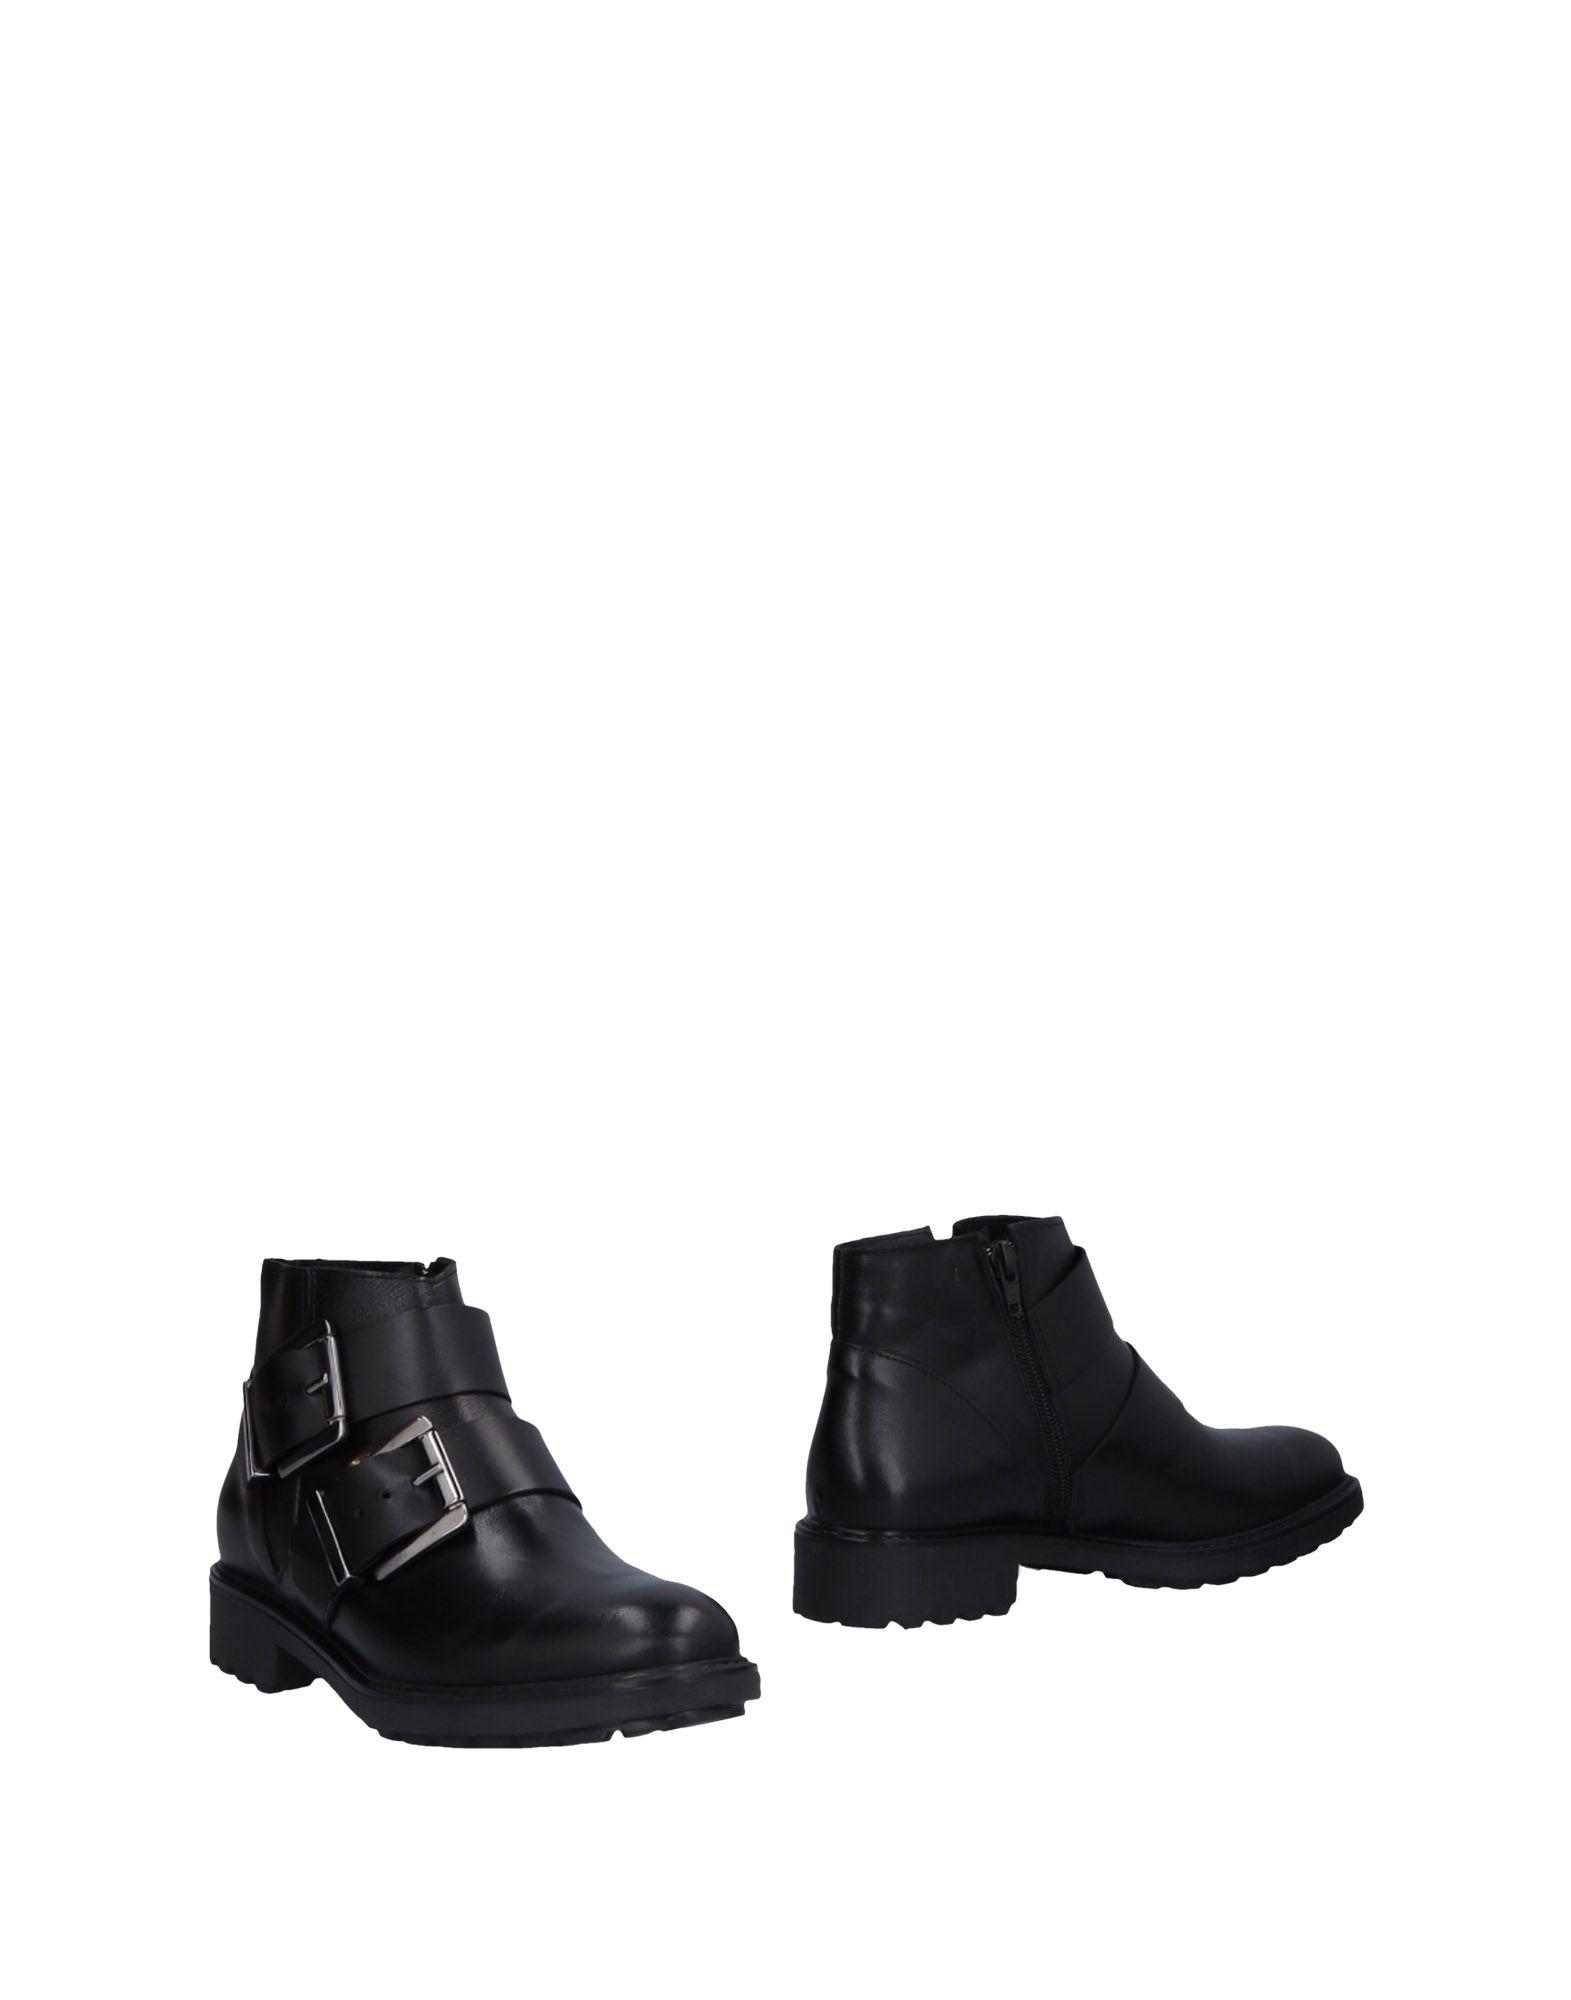 Unlace Stiefelette Damen  11475292HG Gute Qualität beliebte Schuhe